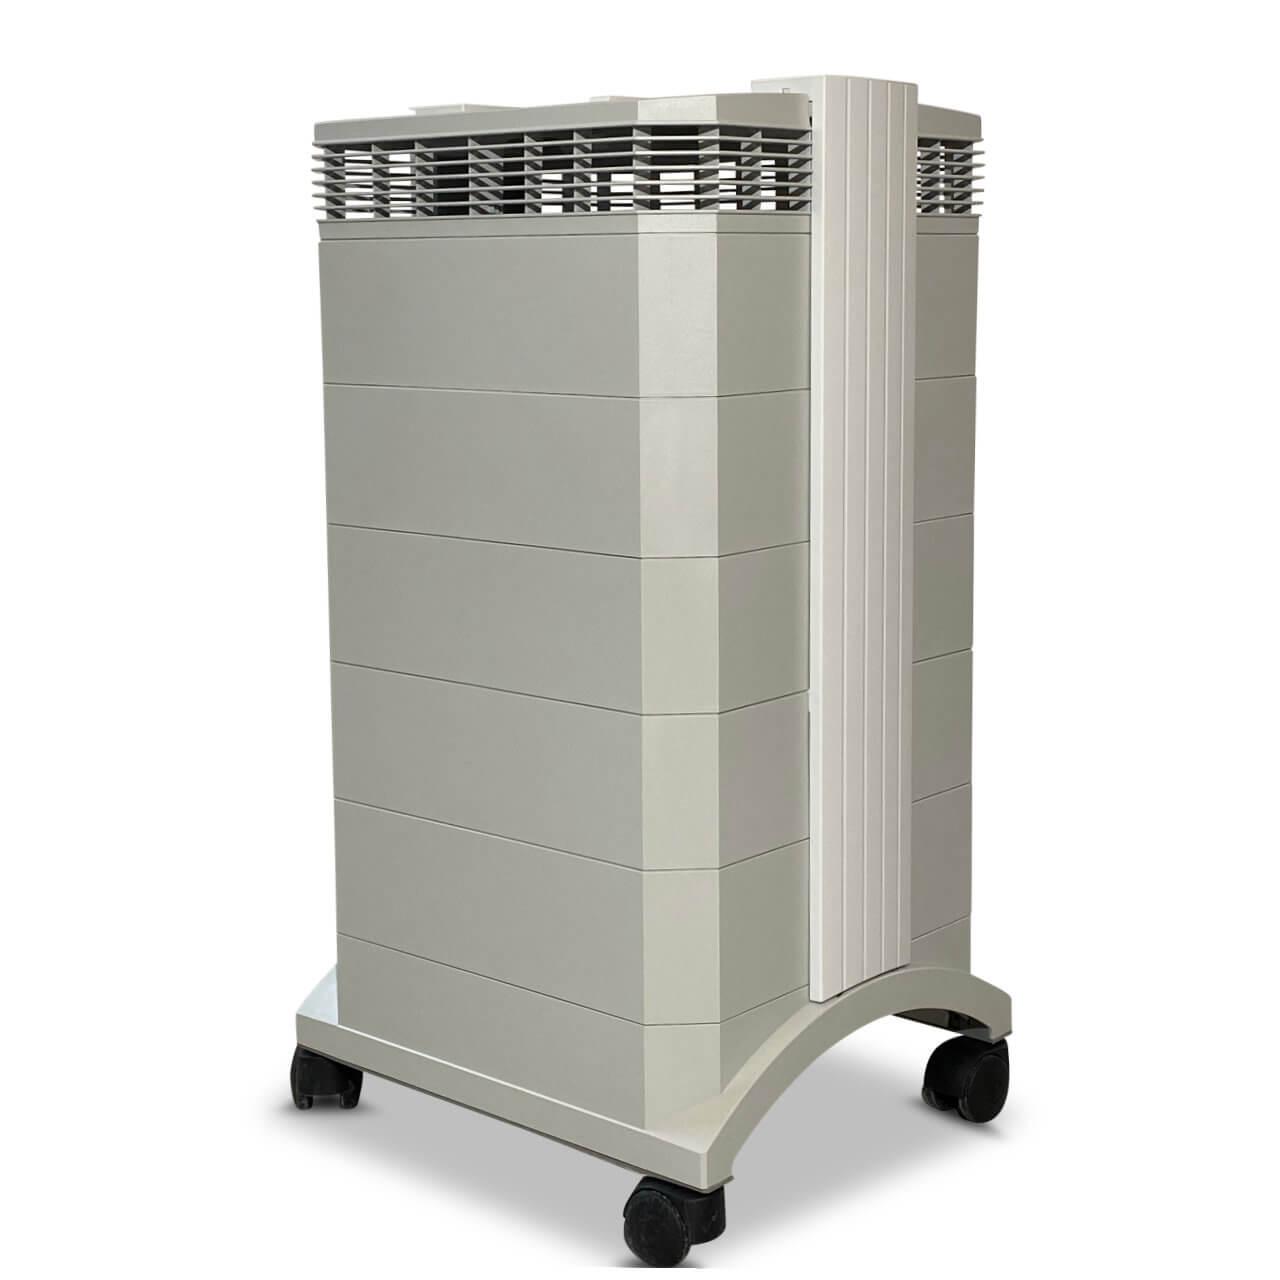 Luftreiniger HealthPro 250 003 - Für Gastronomie und Hotels: IQAir Luftreiniger HealthPro<sup>®</sup> 250 zu mieten